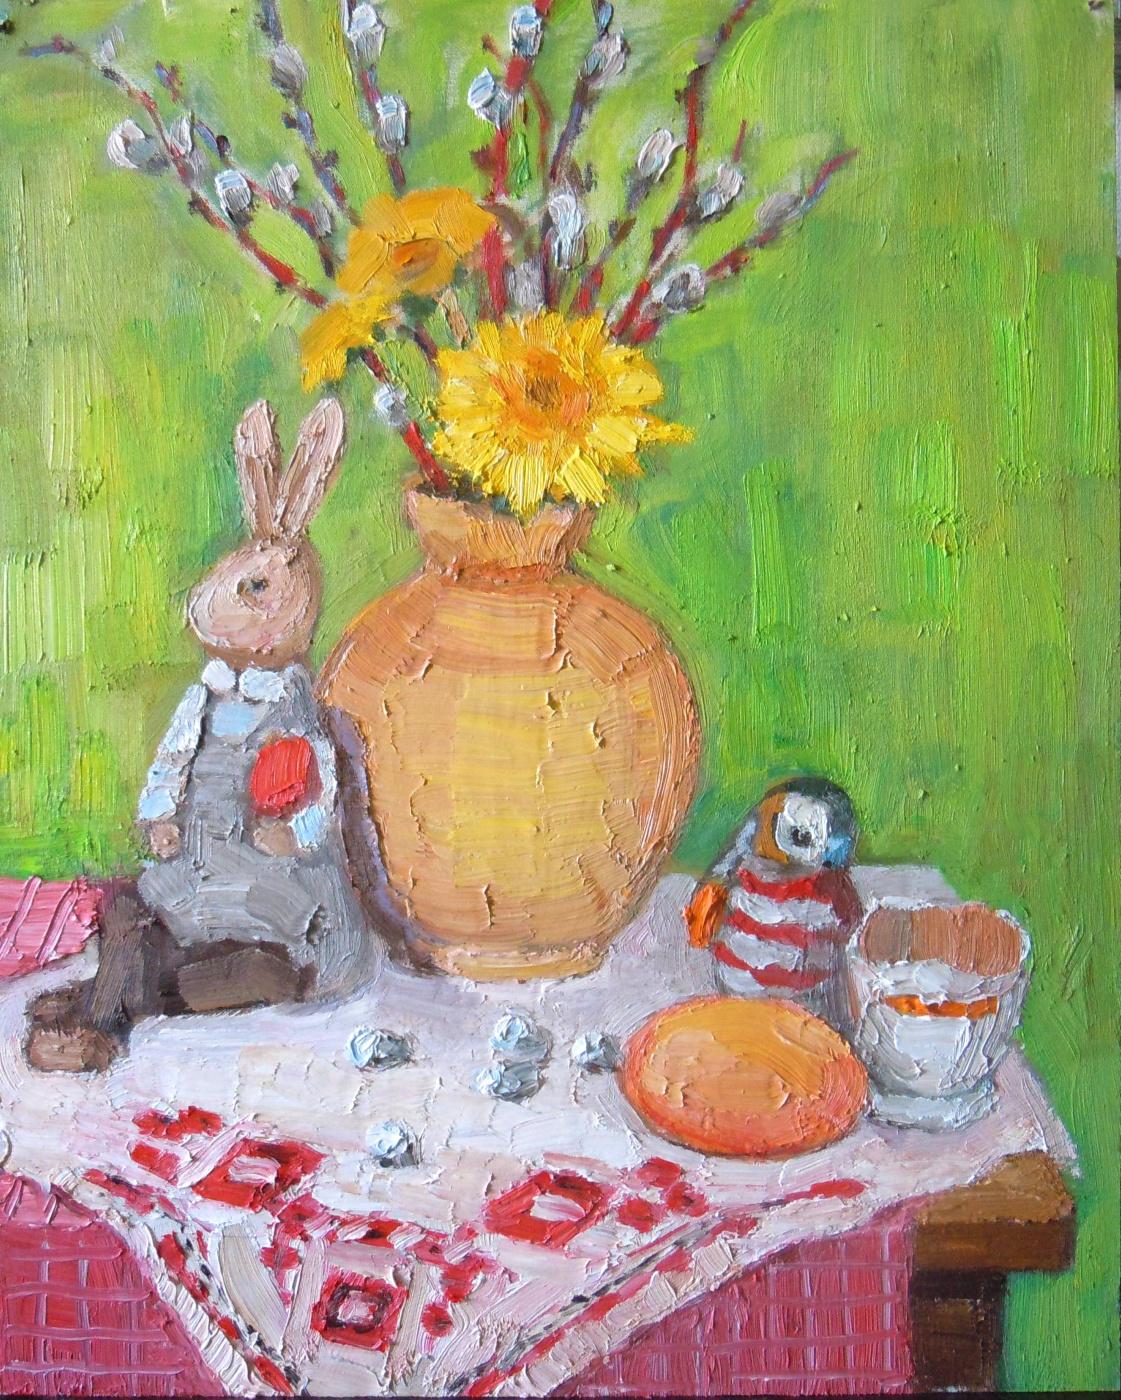 Vera Alekseevna Emelyanova. Easter still life